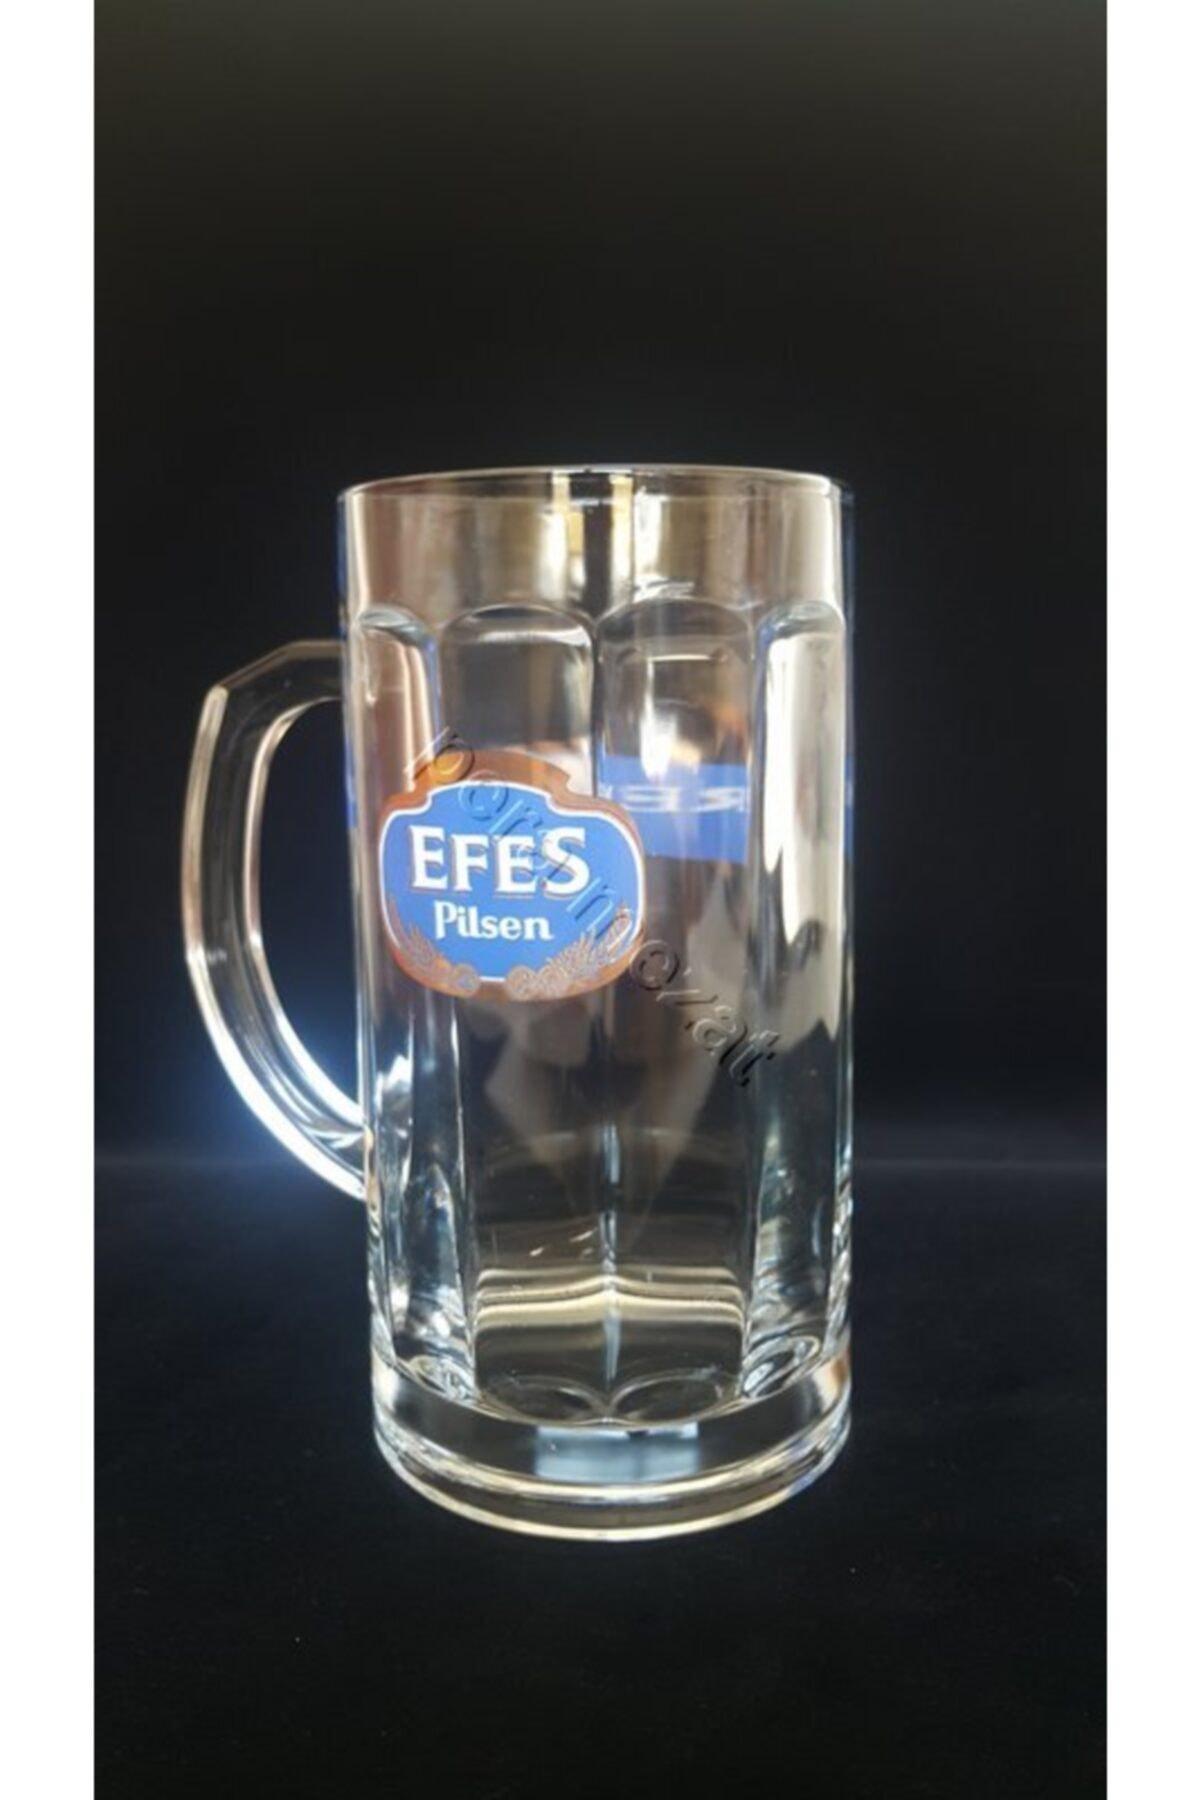 Paşabahçe Efes Pilsen Kulplu Bardak Büyük Boy Bira Bardağı 1